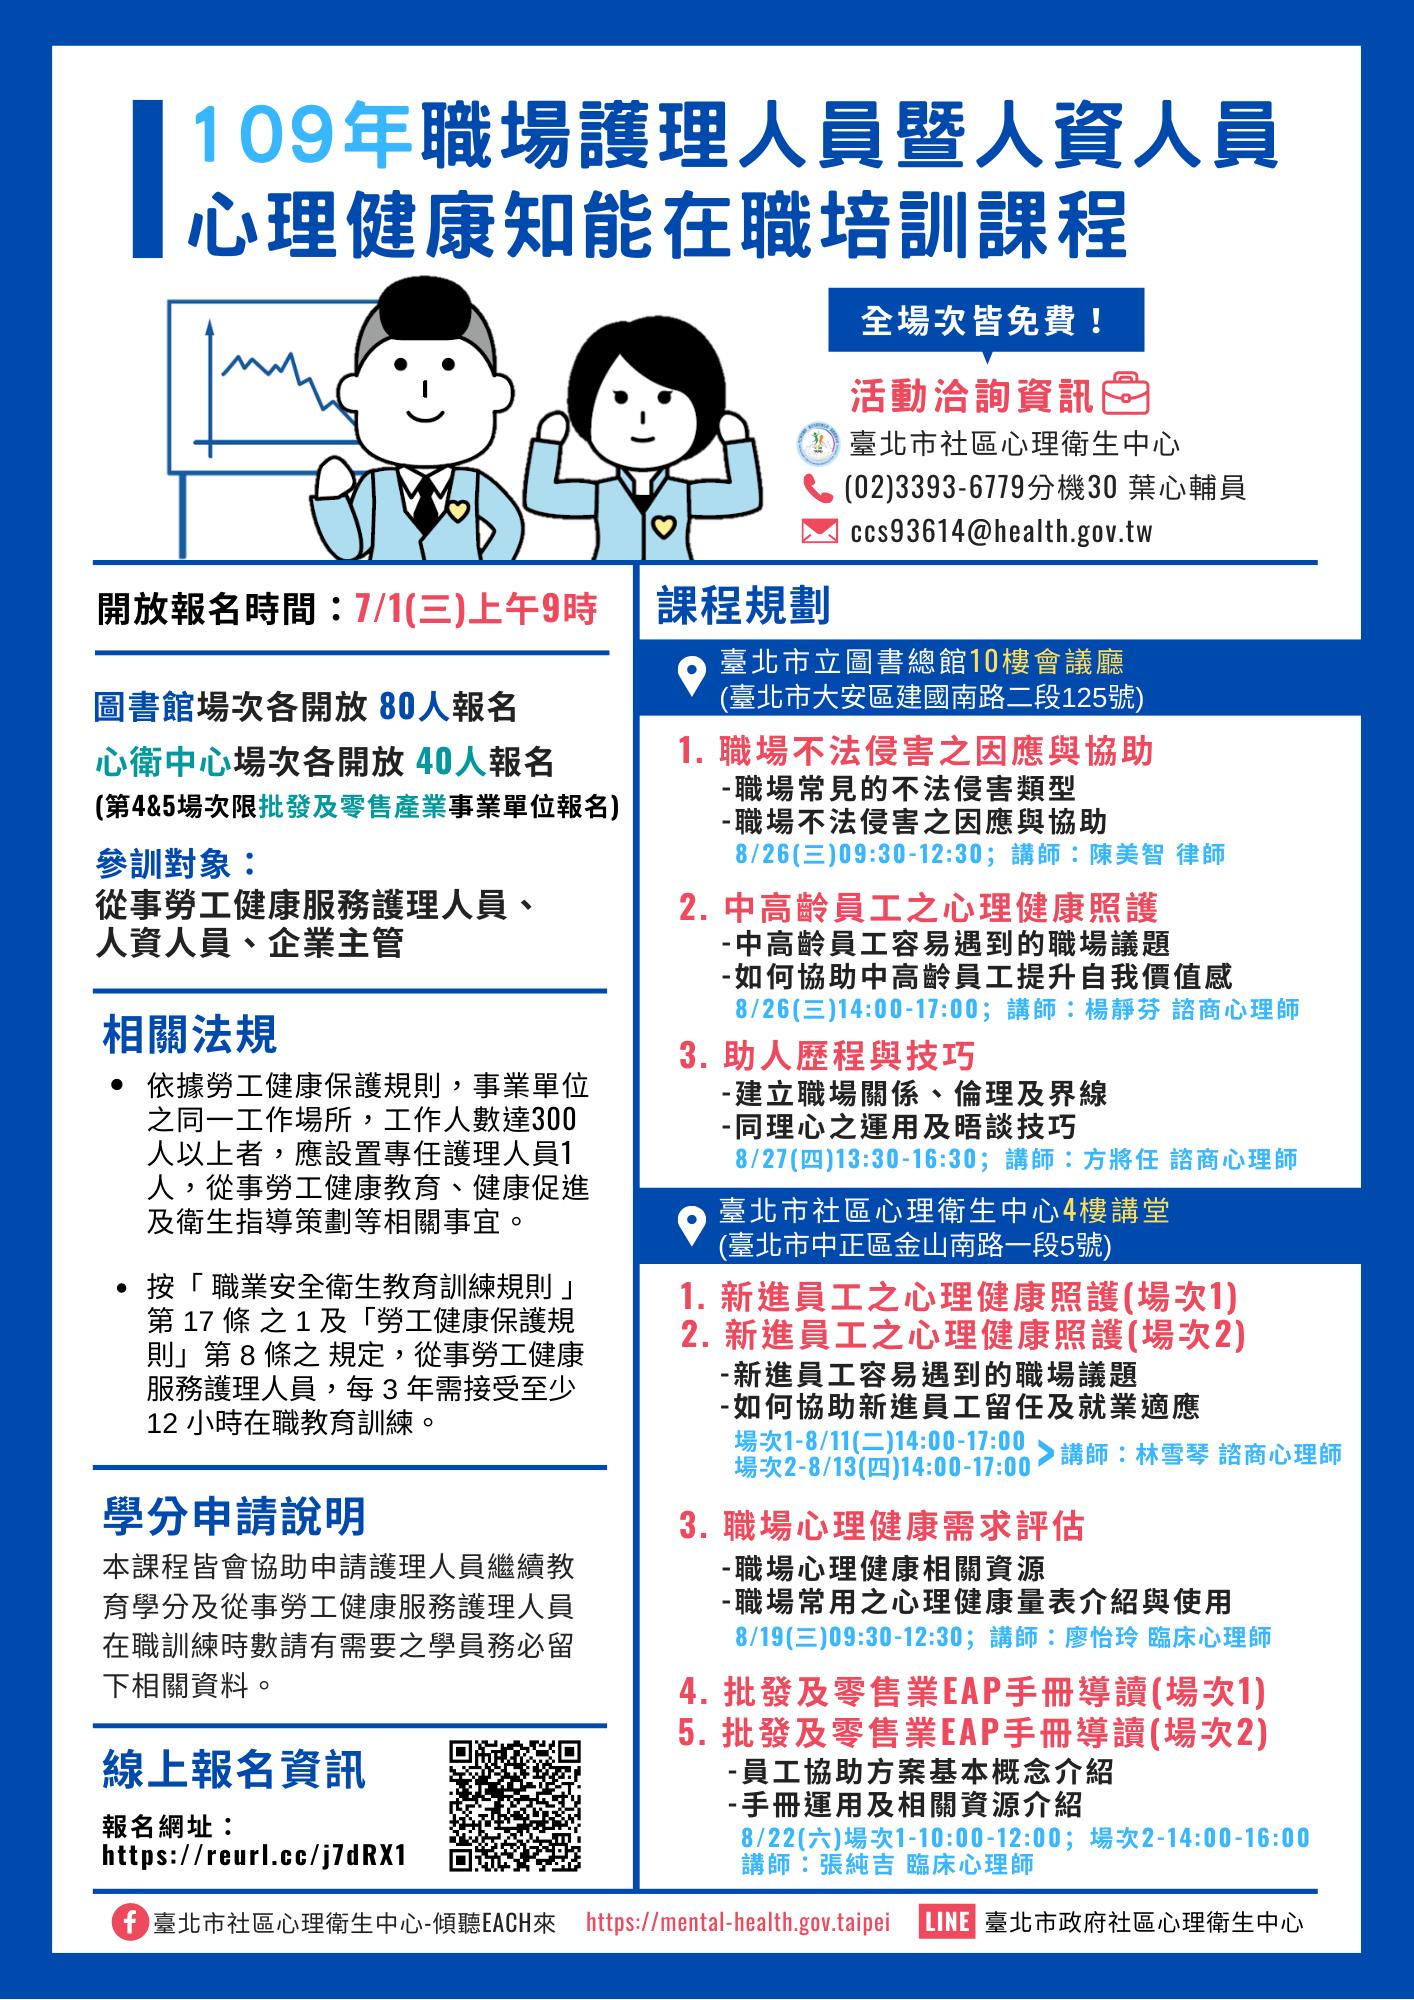 8月教育訓練簡章